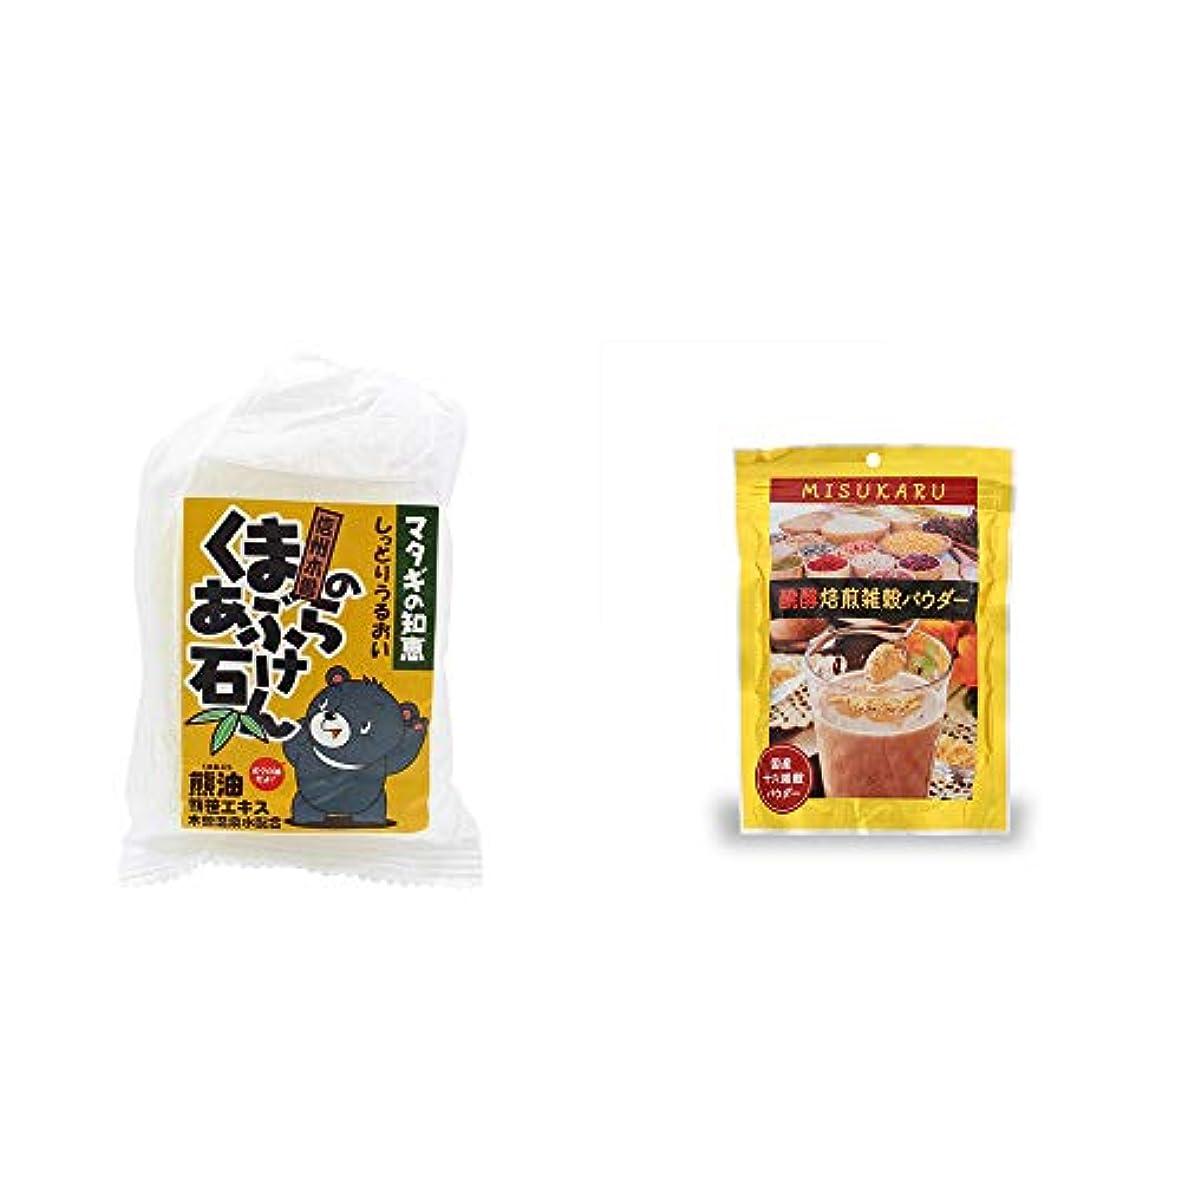 試みるマイクロところで[2点セット] 信州木曽 くまのあぶら石けん(80g)?醗酵焙煎雑穀パウダー MISUKARU(ミスカル)(200g)